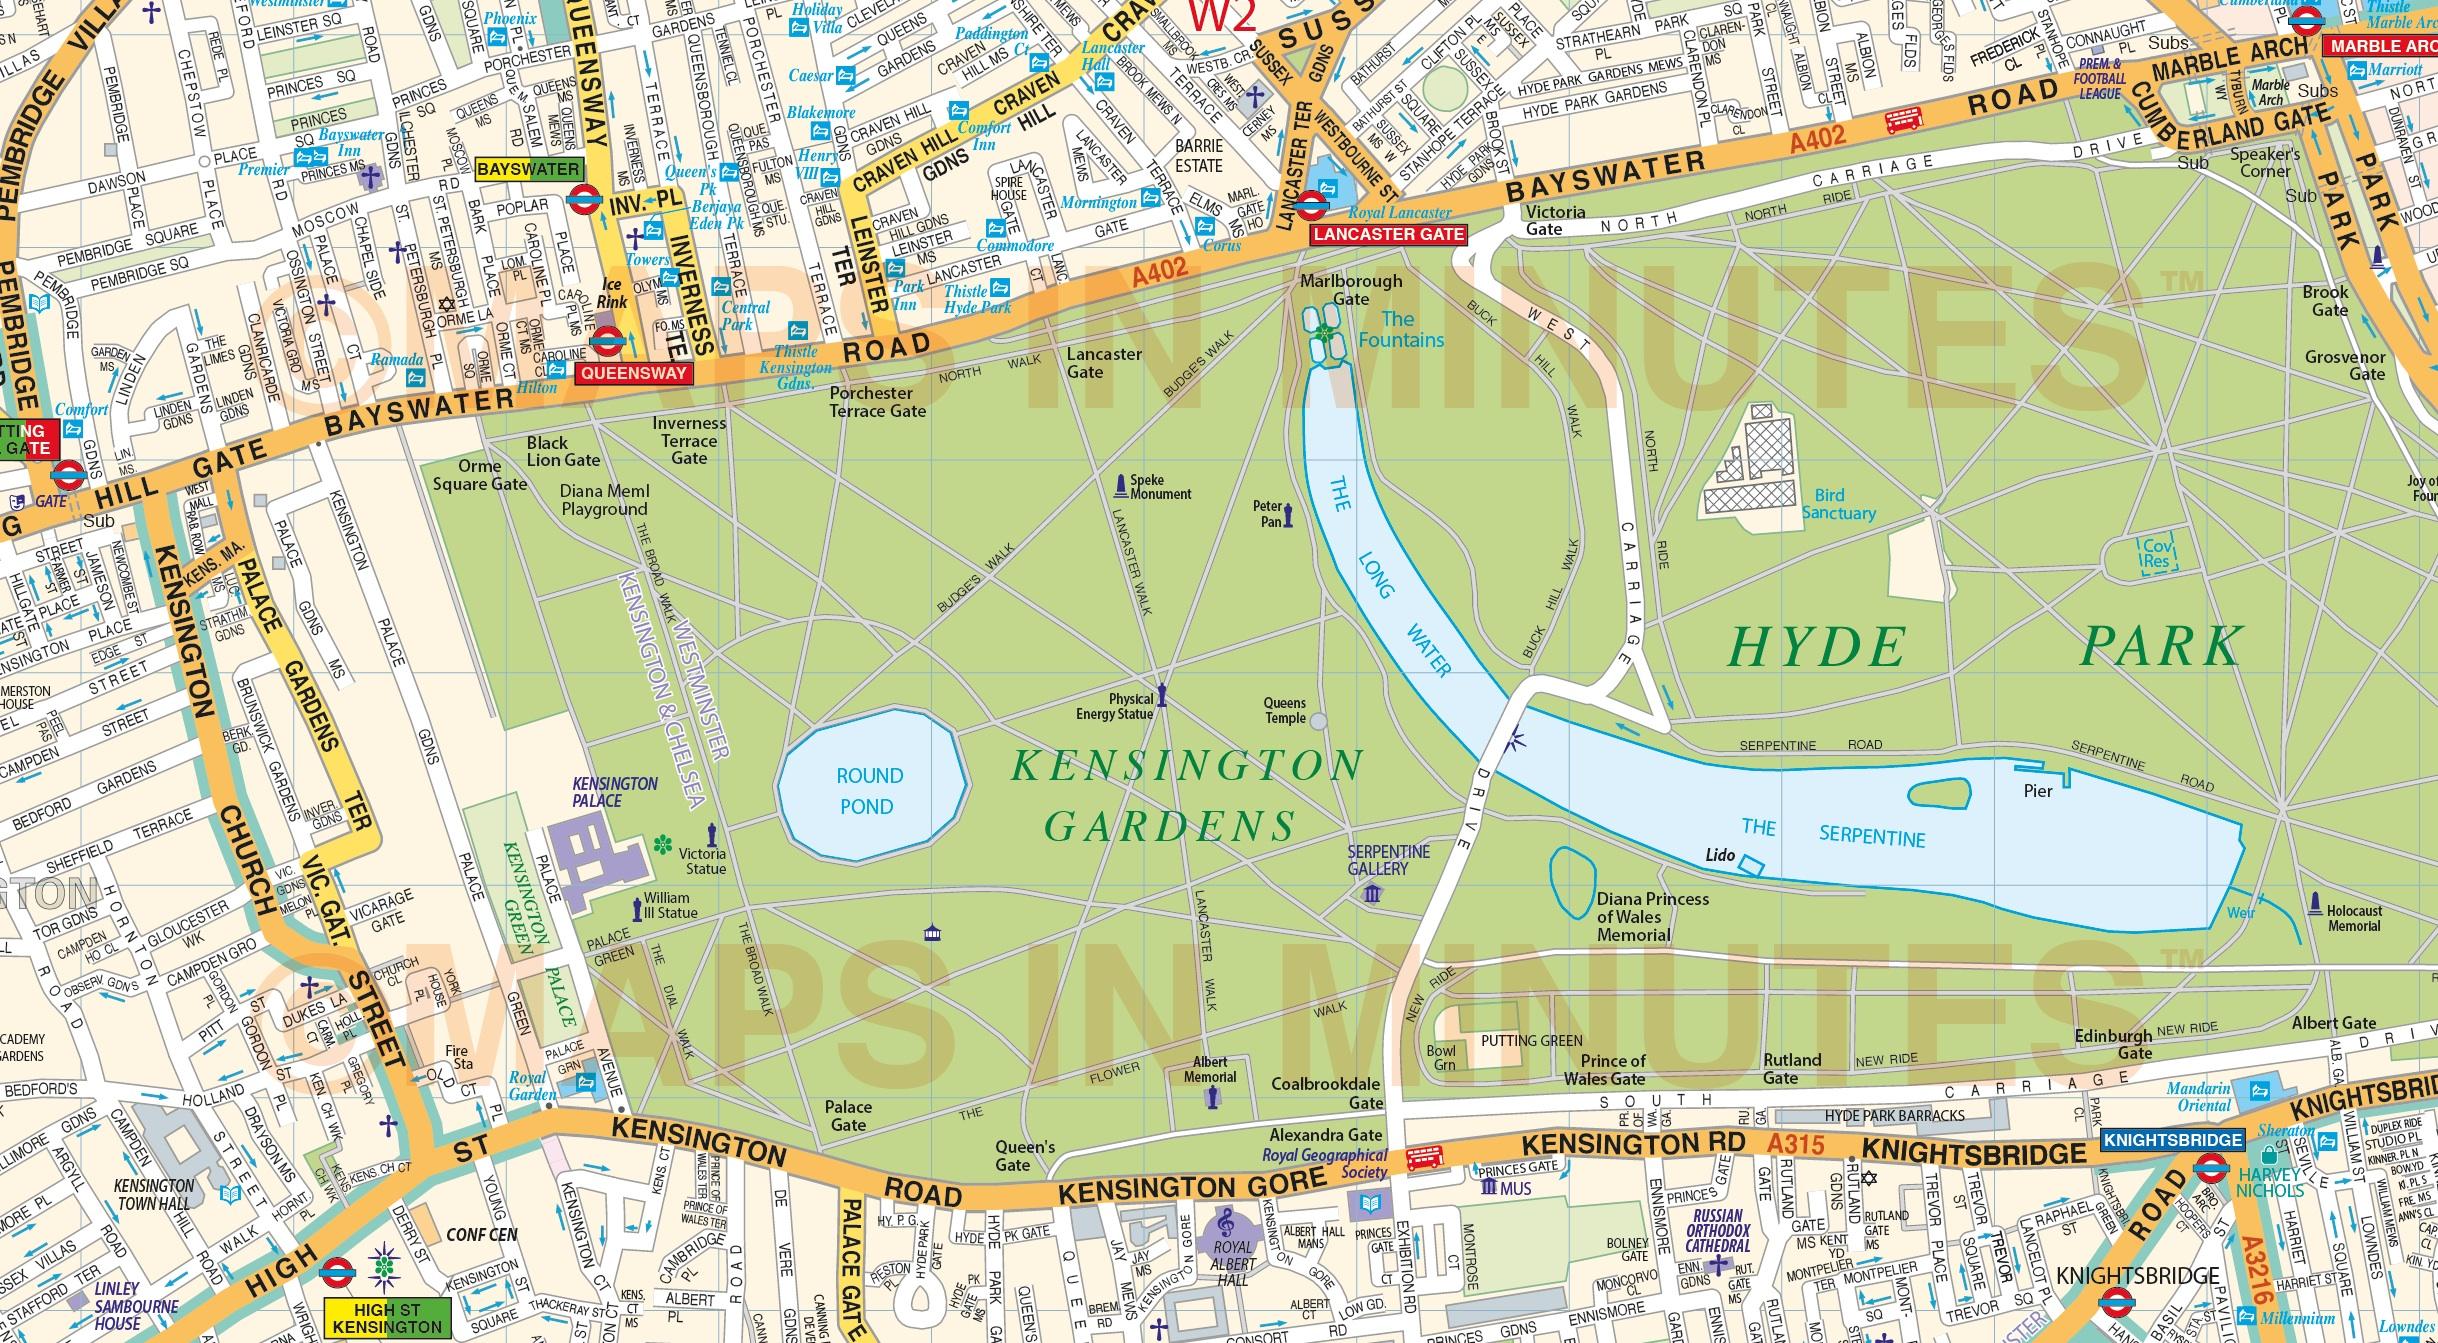 Vinyl Central London Street Map Large Size 1 2m D X 1 67m W